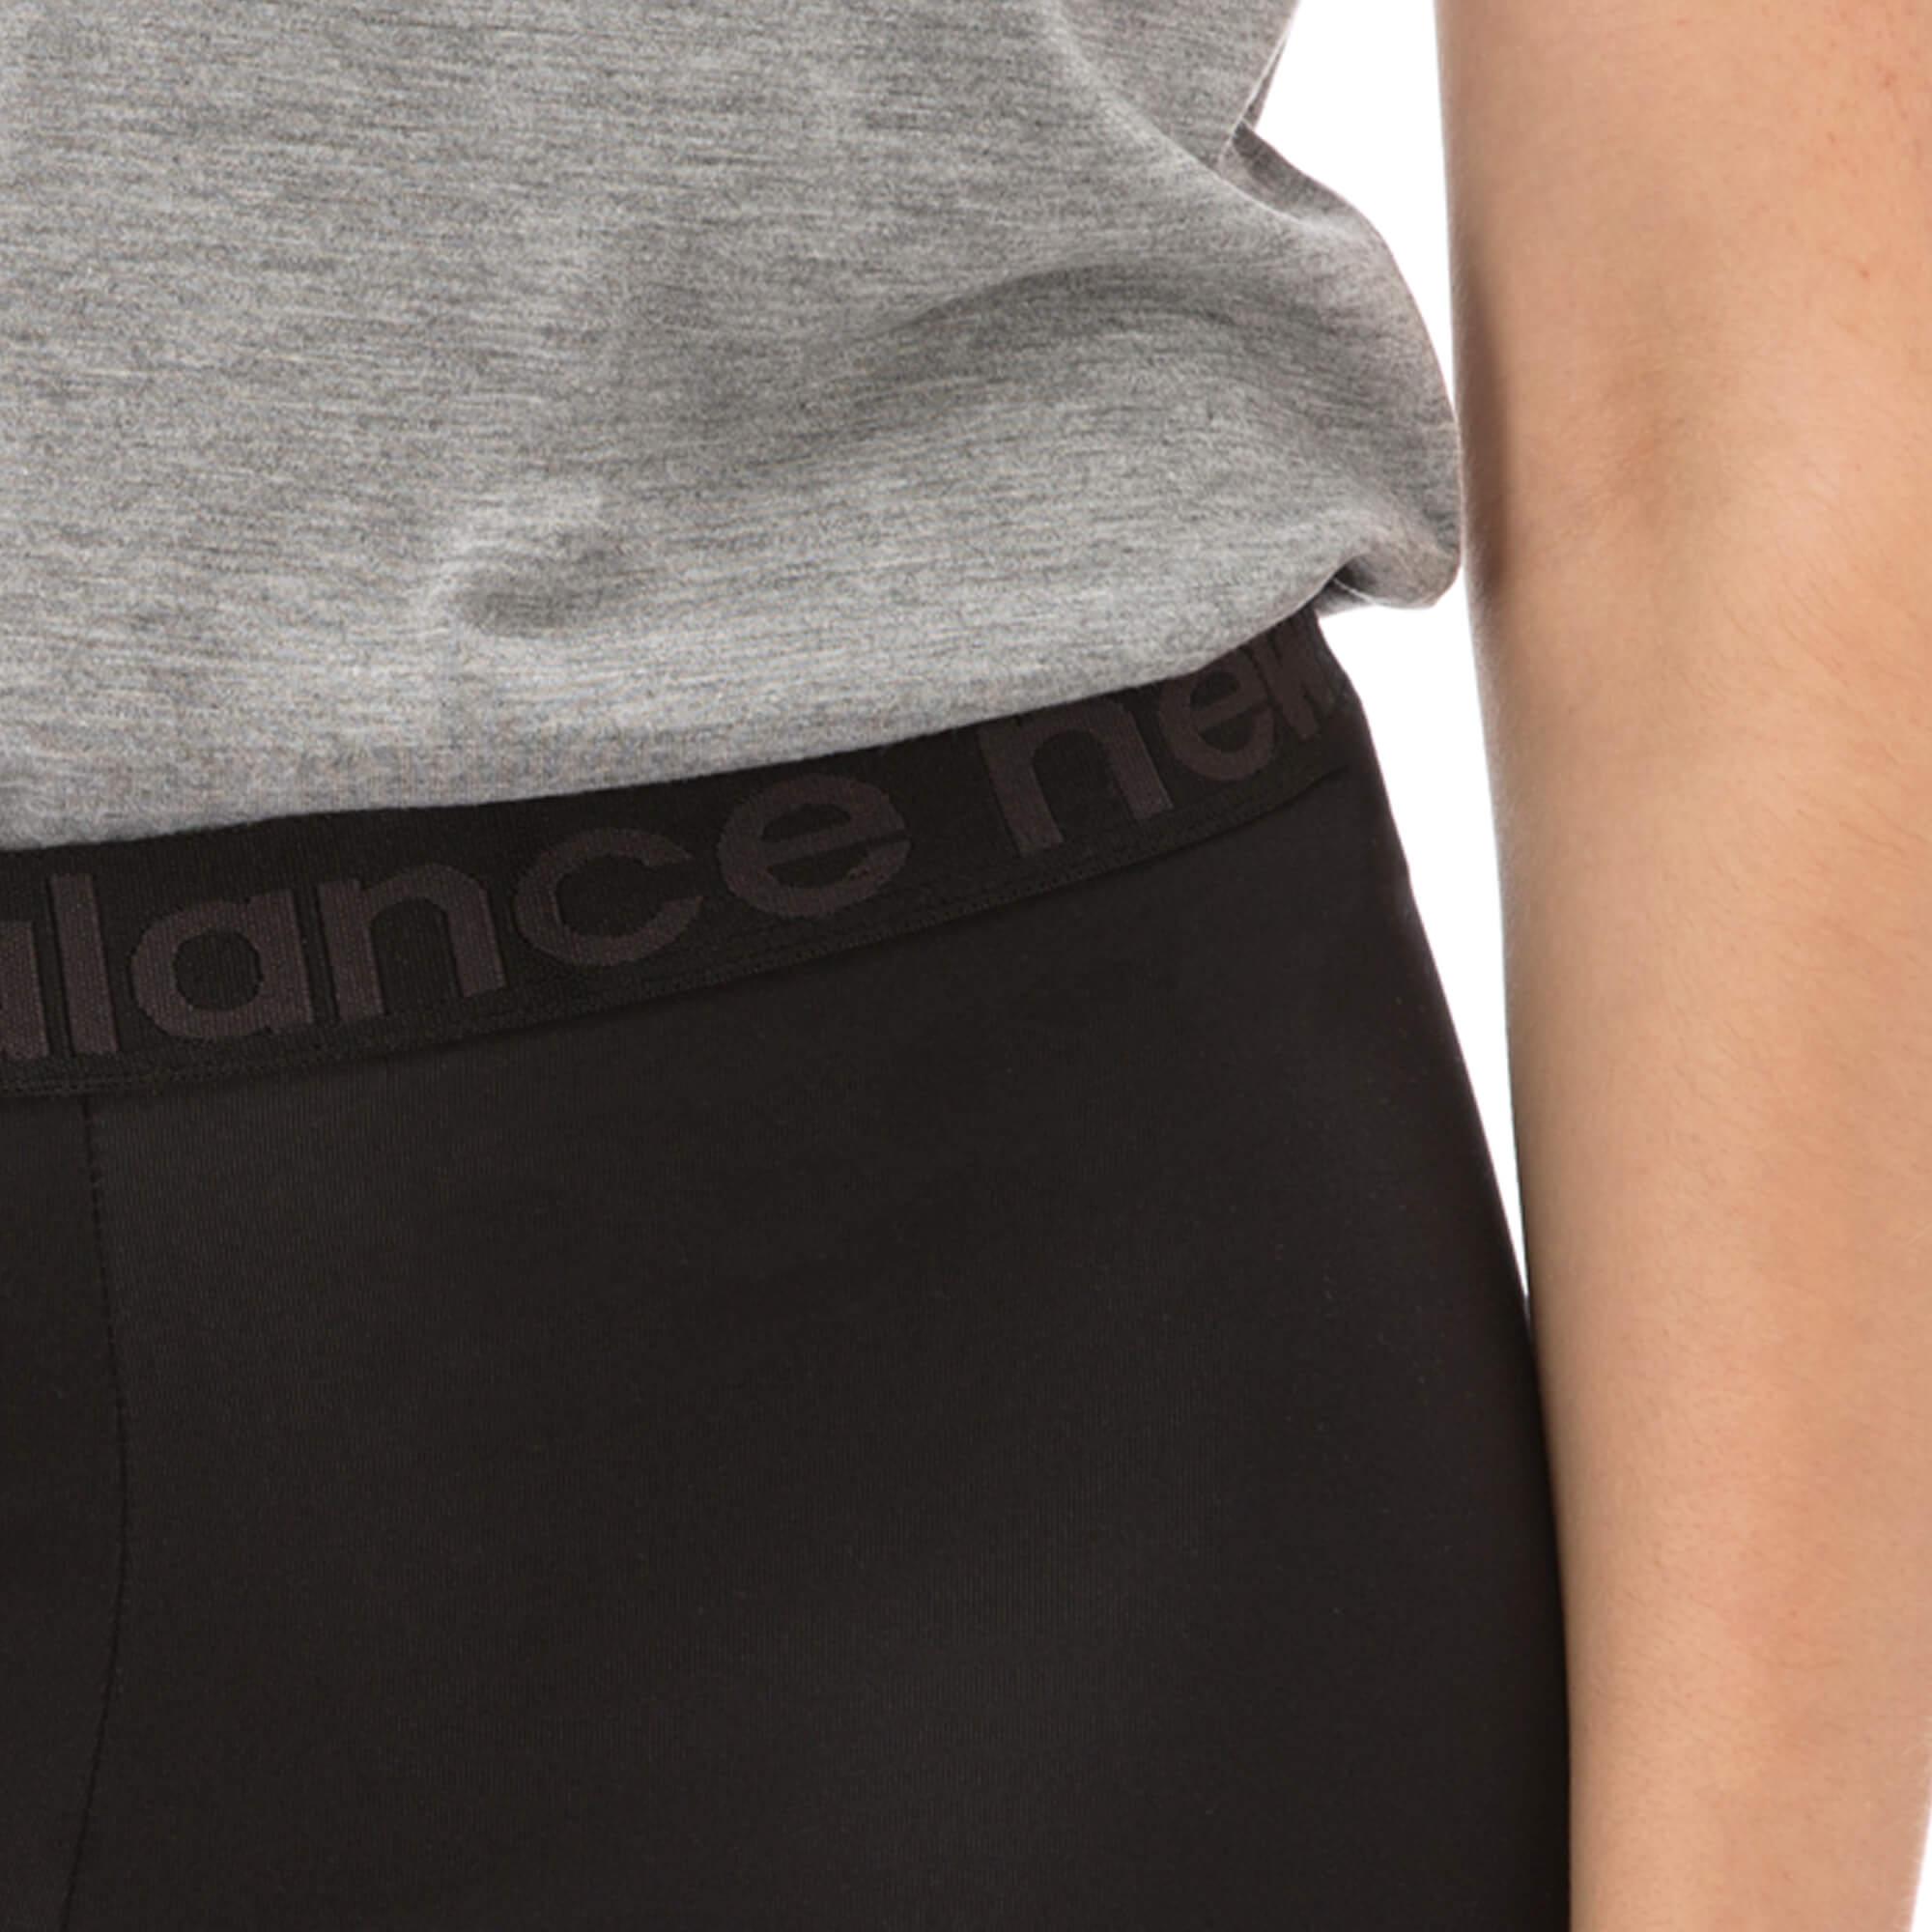 New Balance Kadın Siyah Tayt